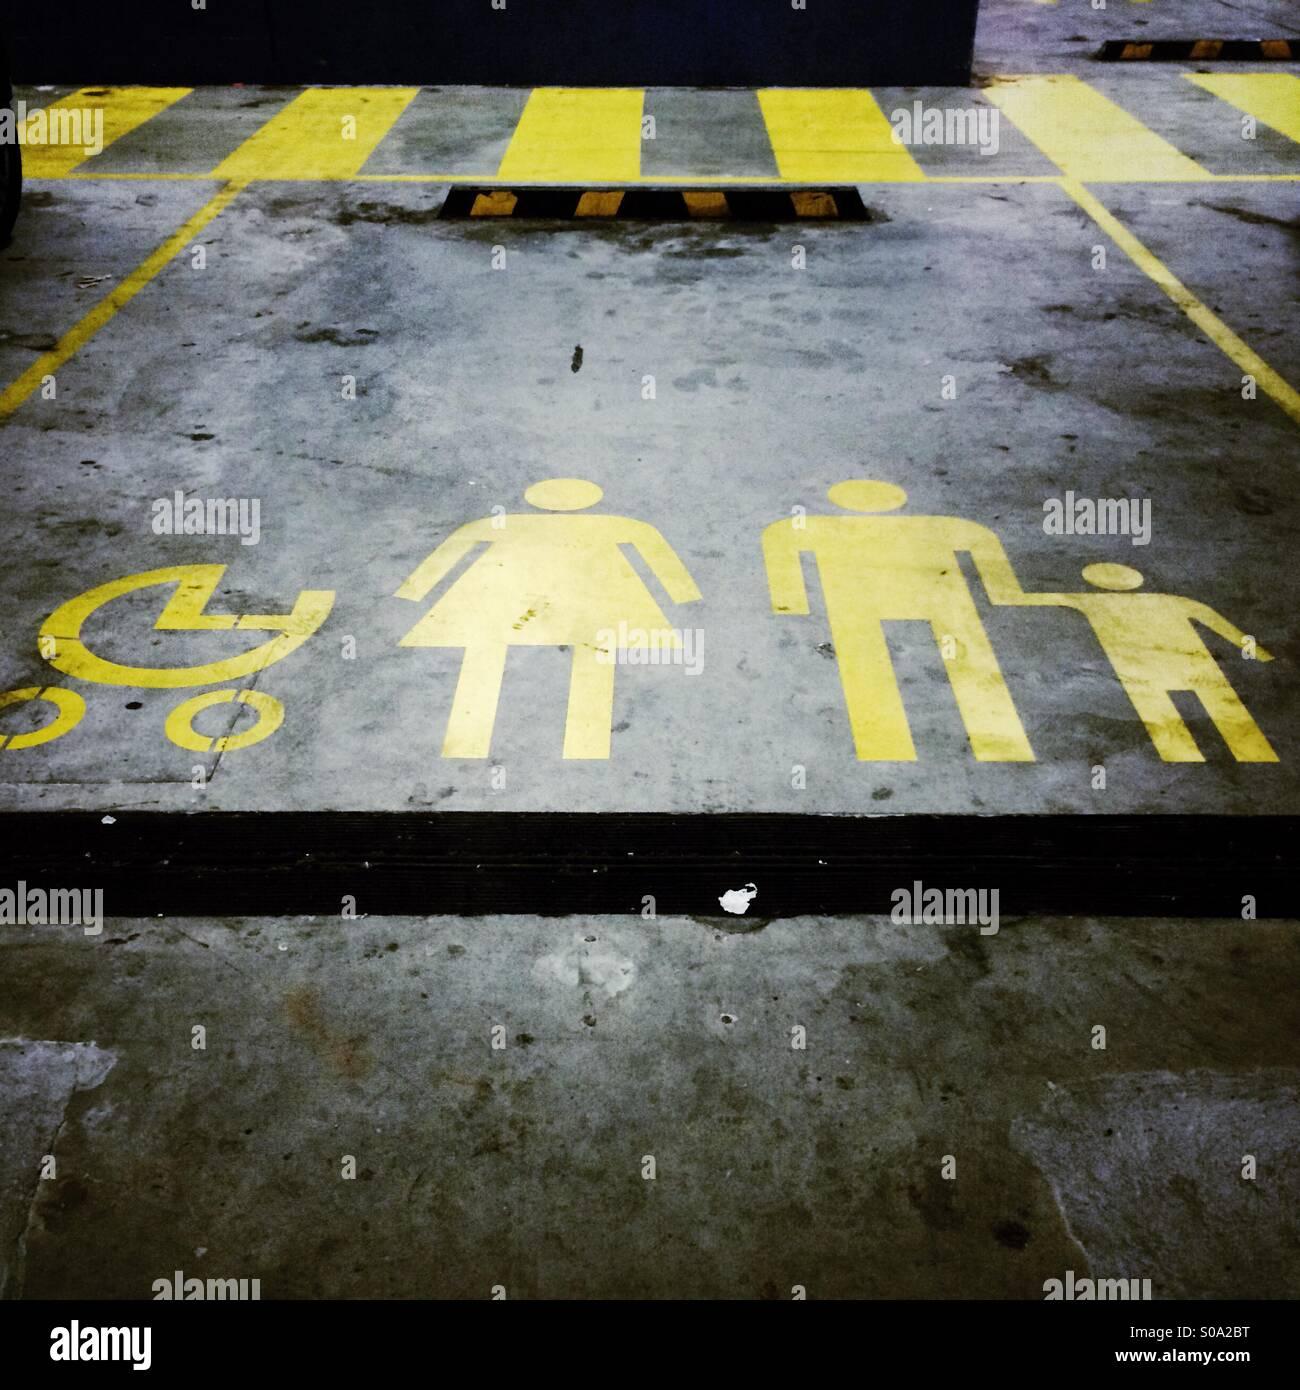 Parkplatz reserviert für Familien mit Kinderwagen Stockfoto